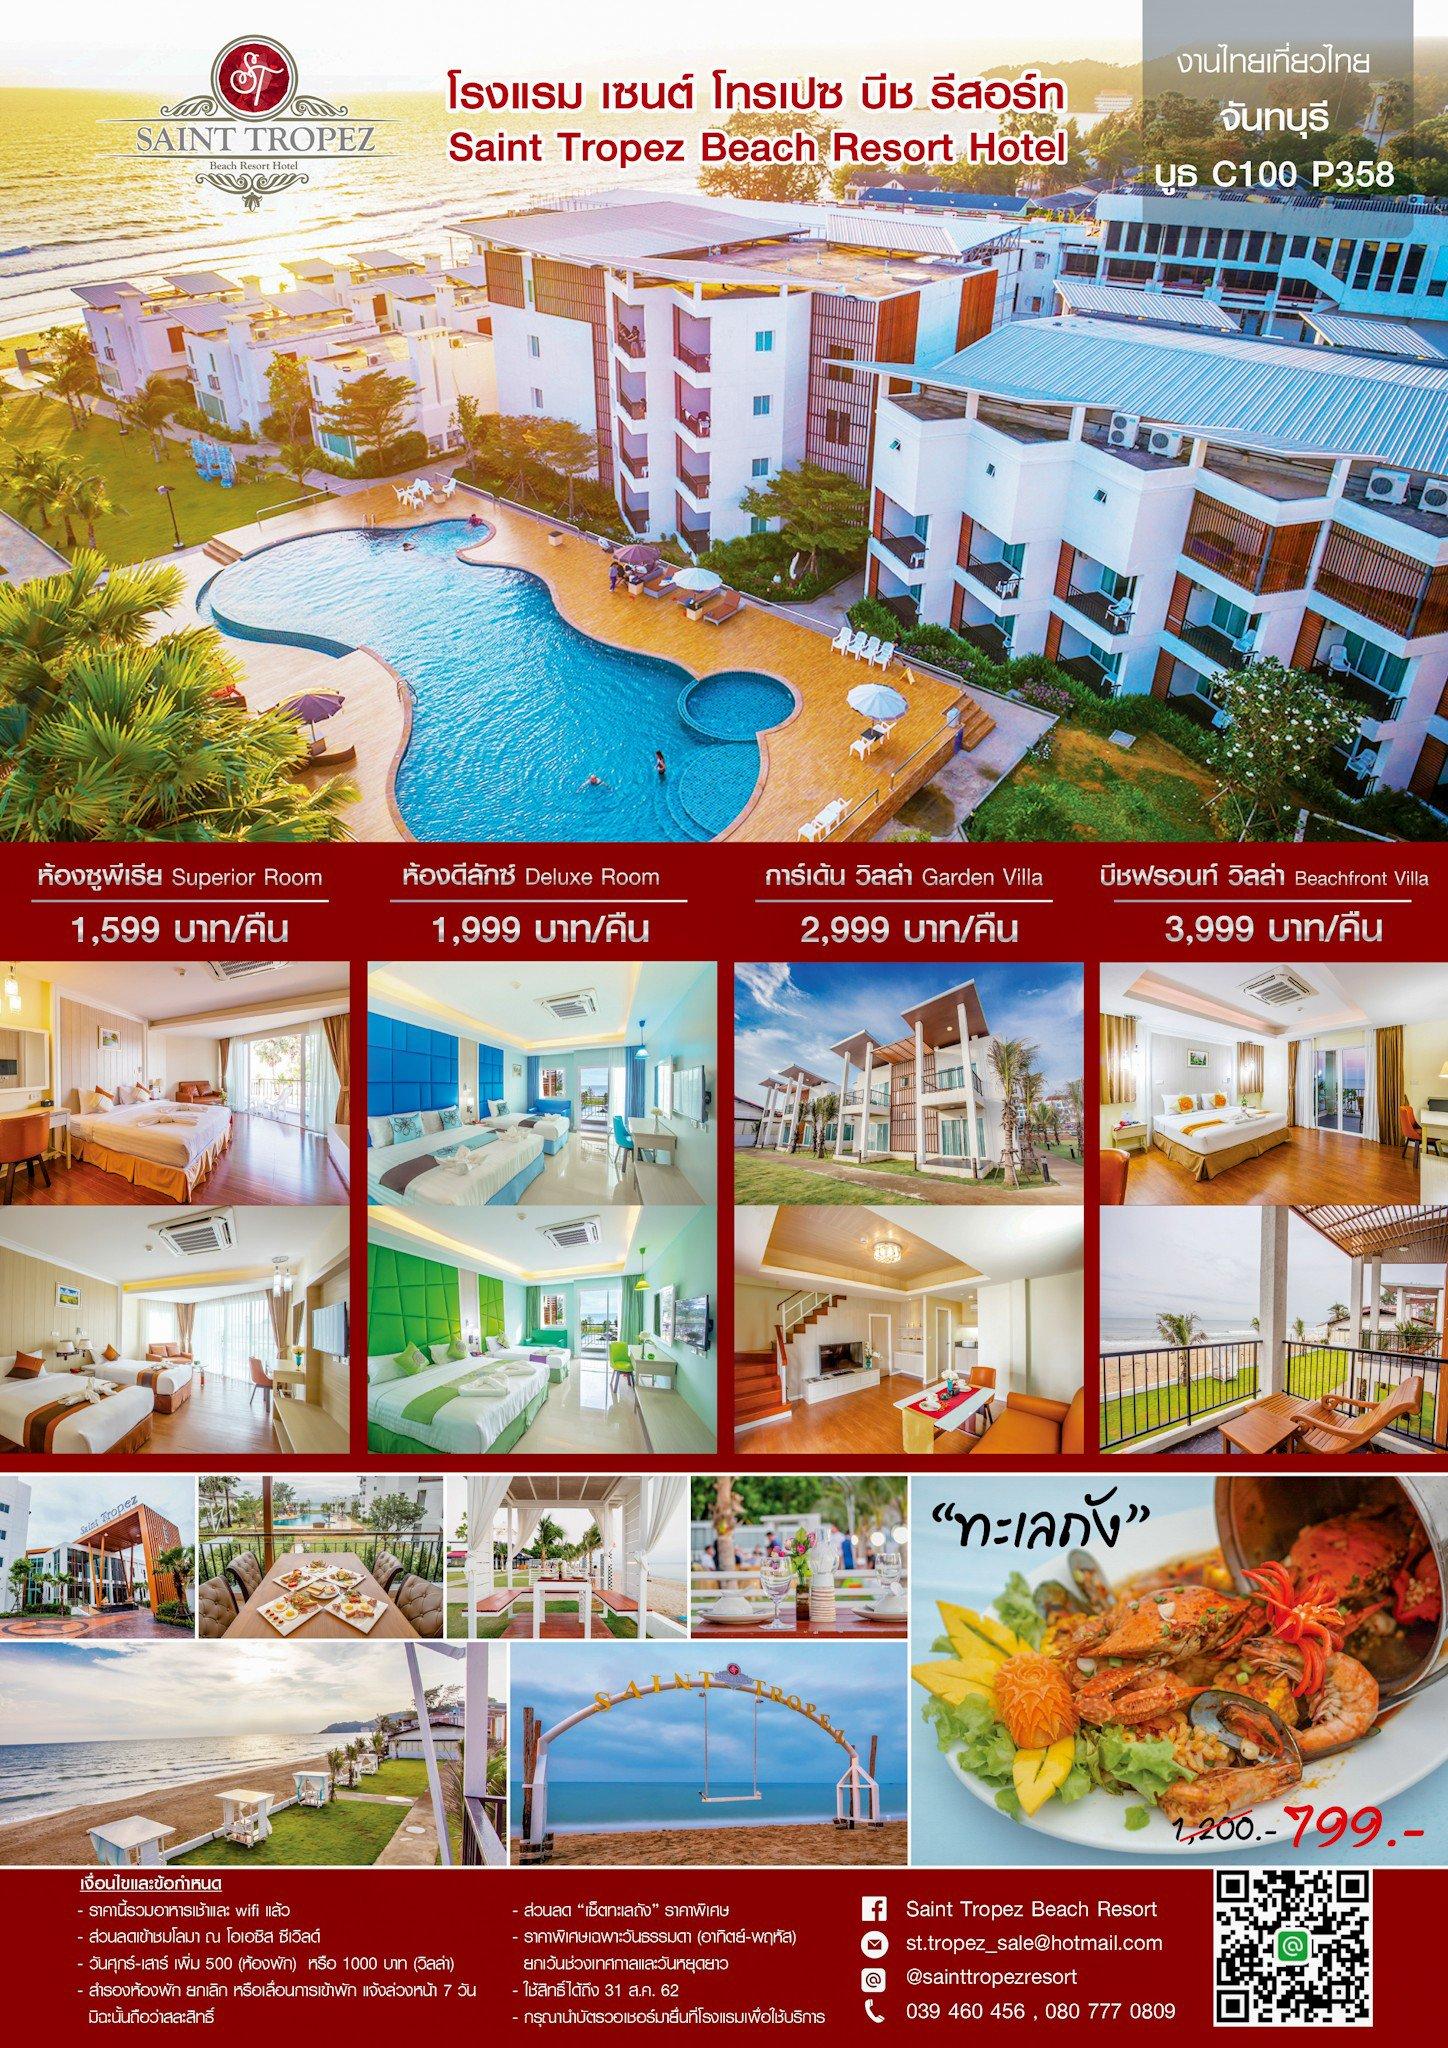 งานไทยเทยวไทย ครงท 48 โรงแรม เซนต โทรเปซ บช รสอรท Saint